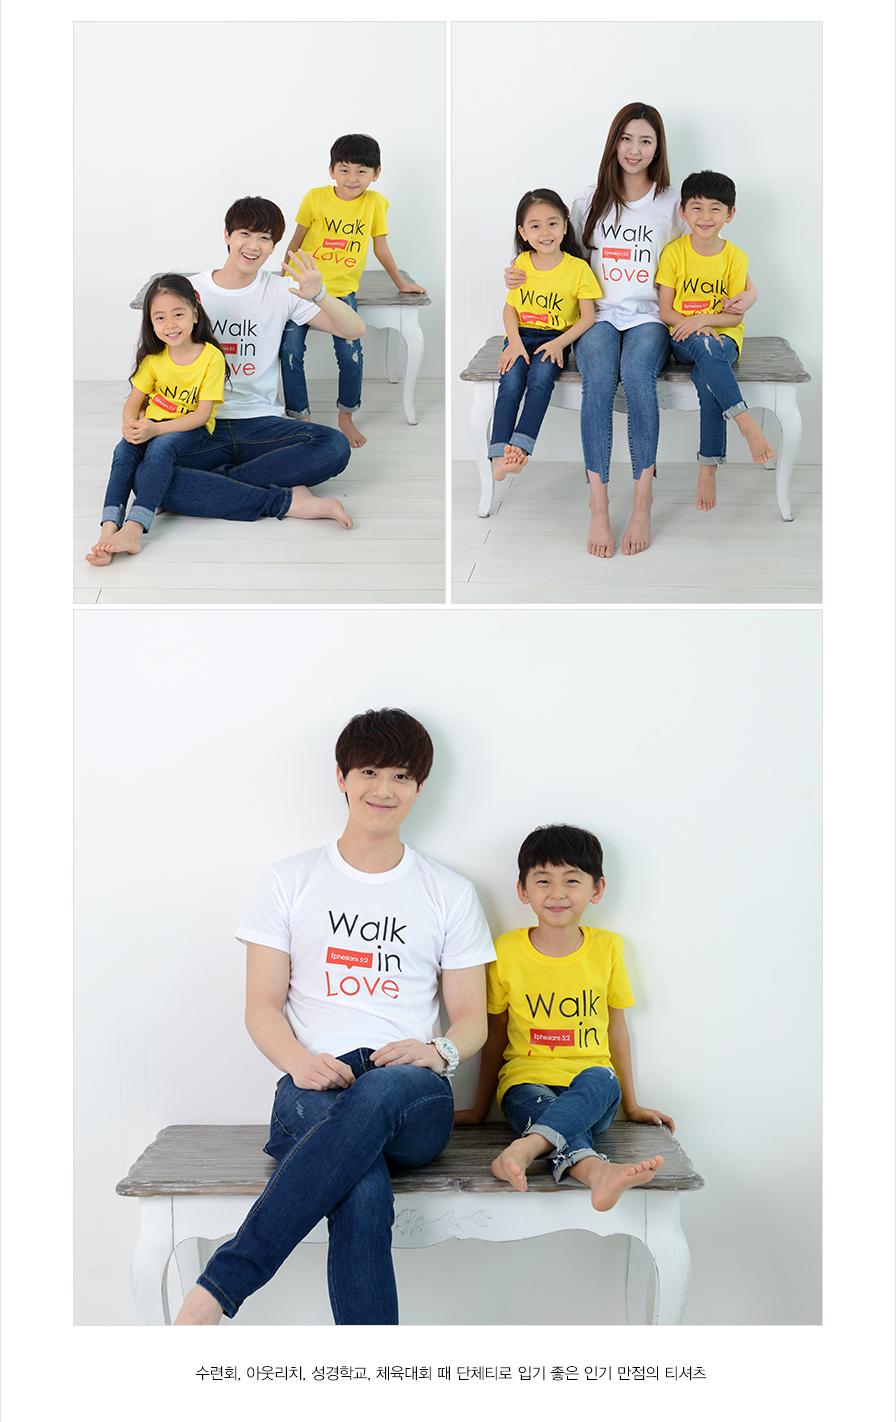 수련회, 아웃리치, 체육대회 단체티 추천 walk in love